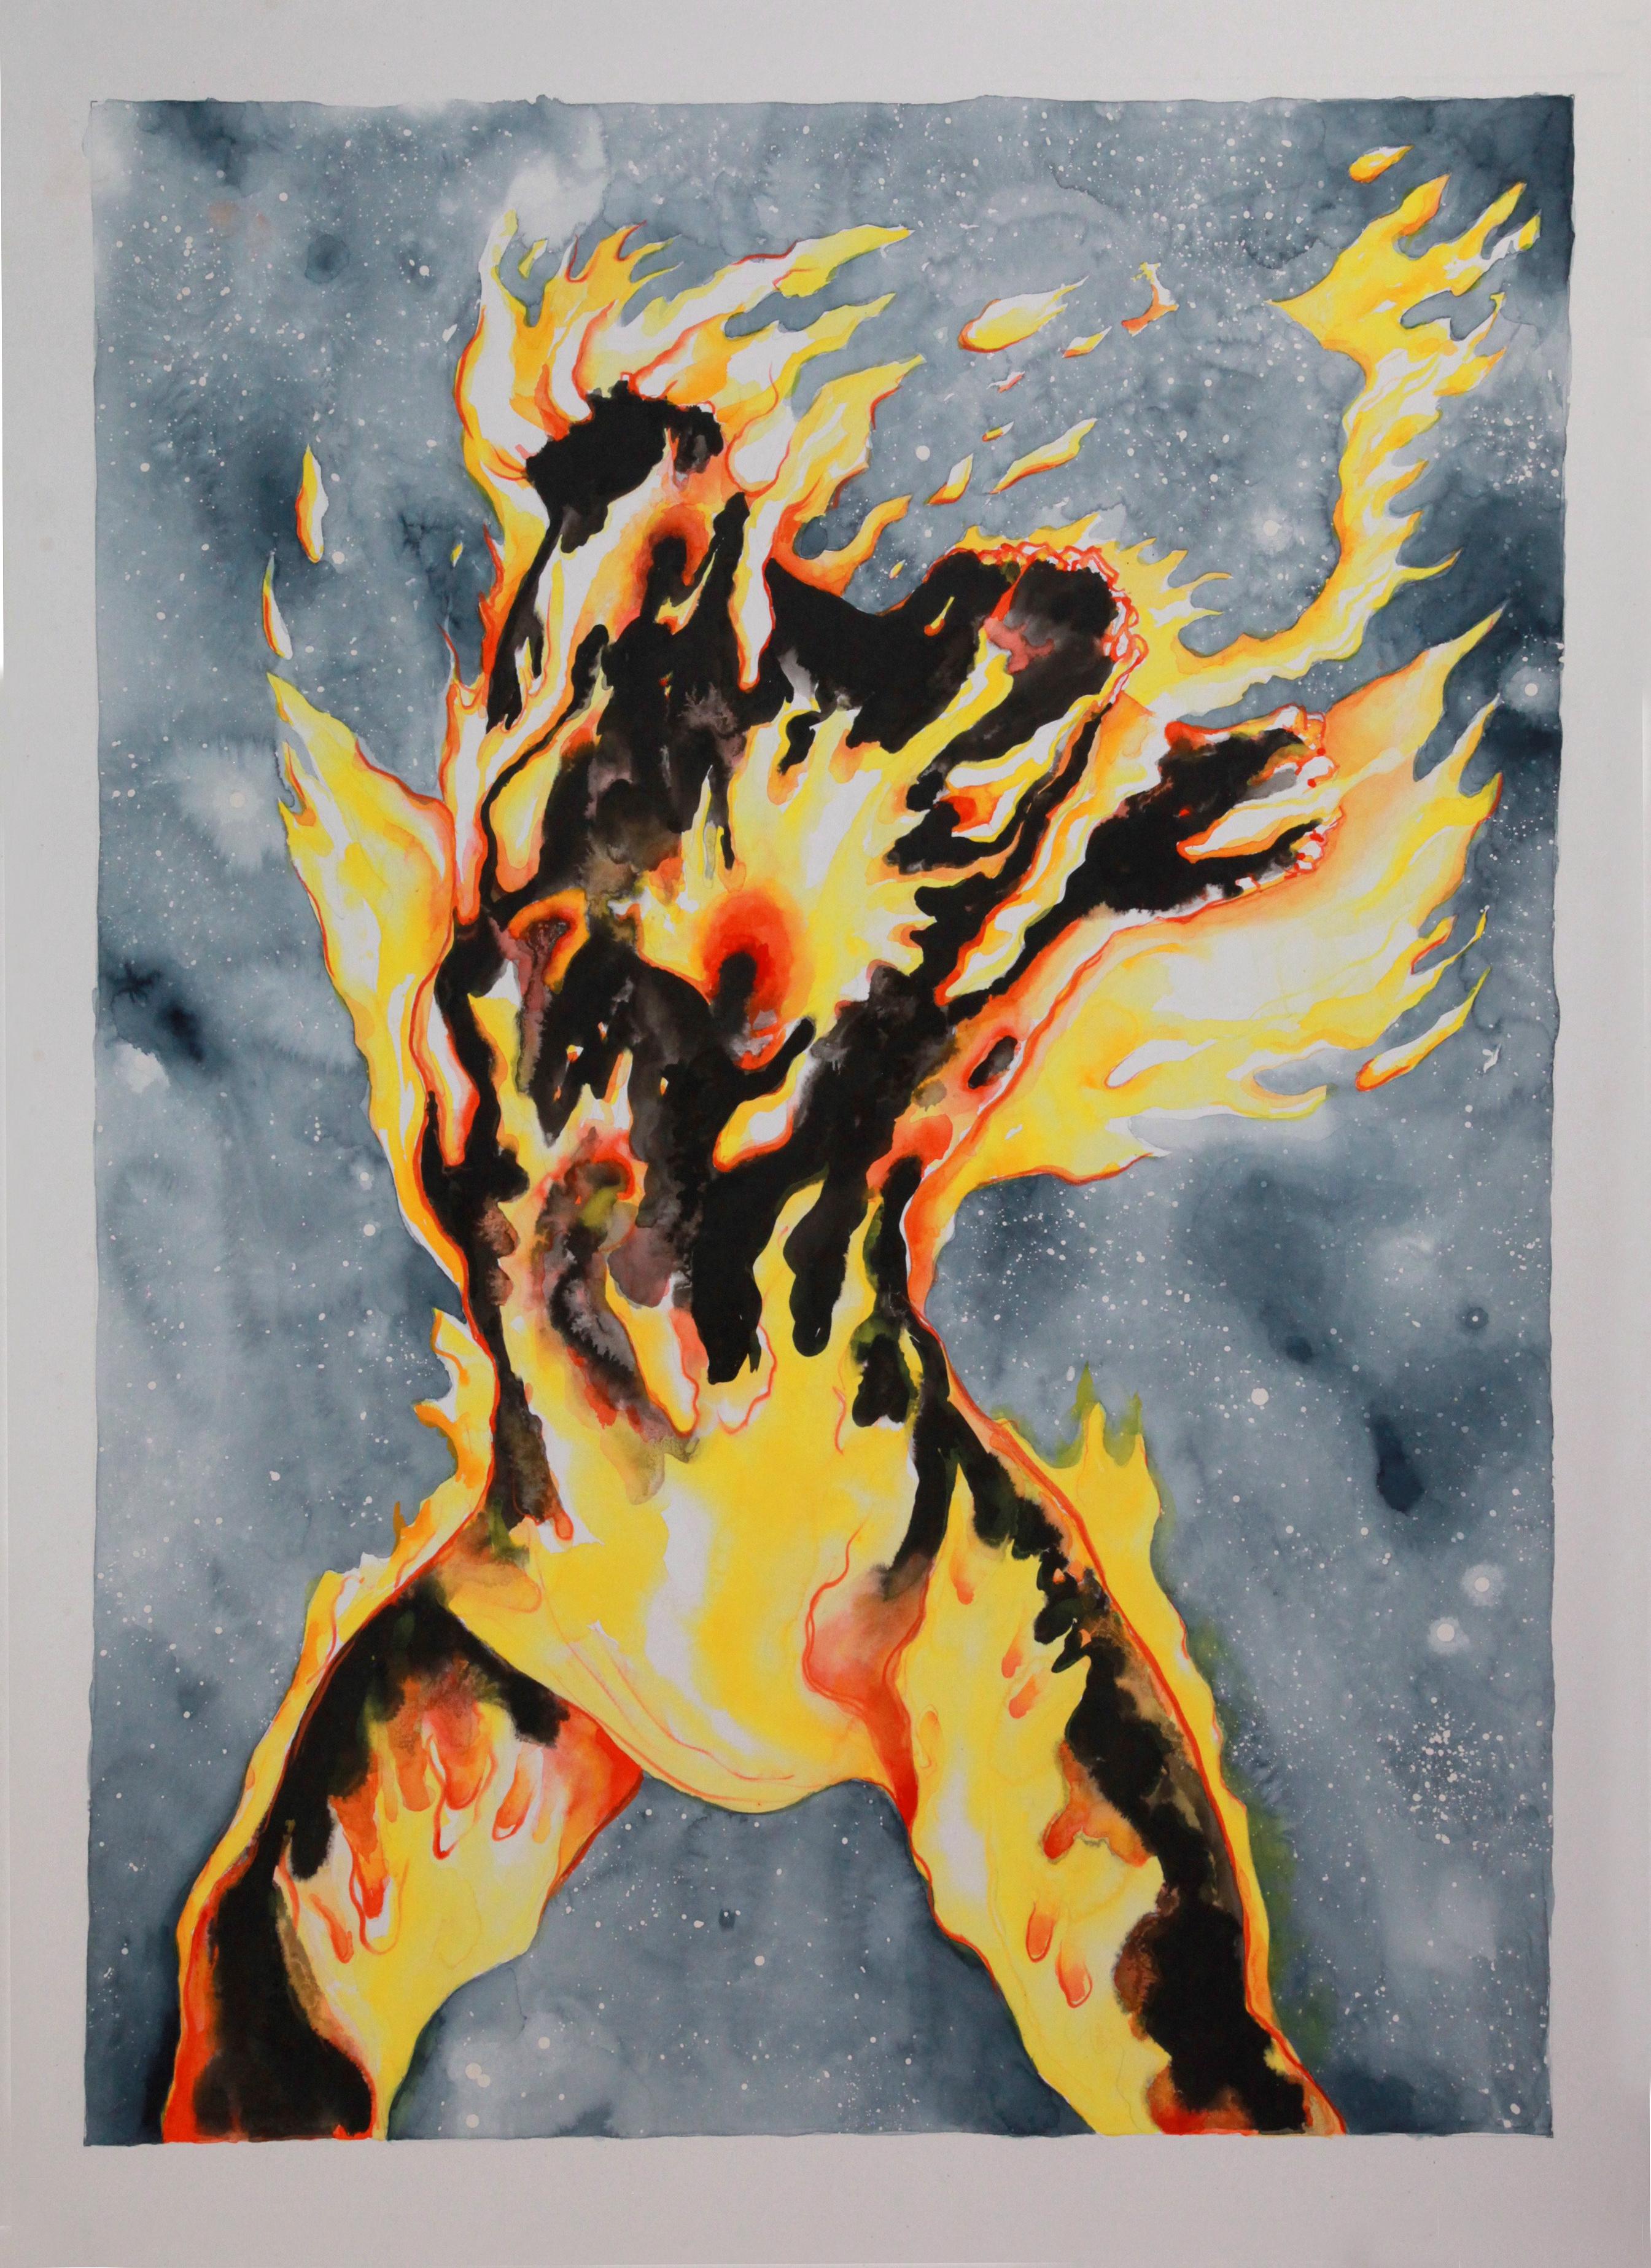 Torso en Llamas Acuarela 154 x 111